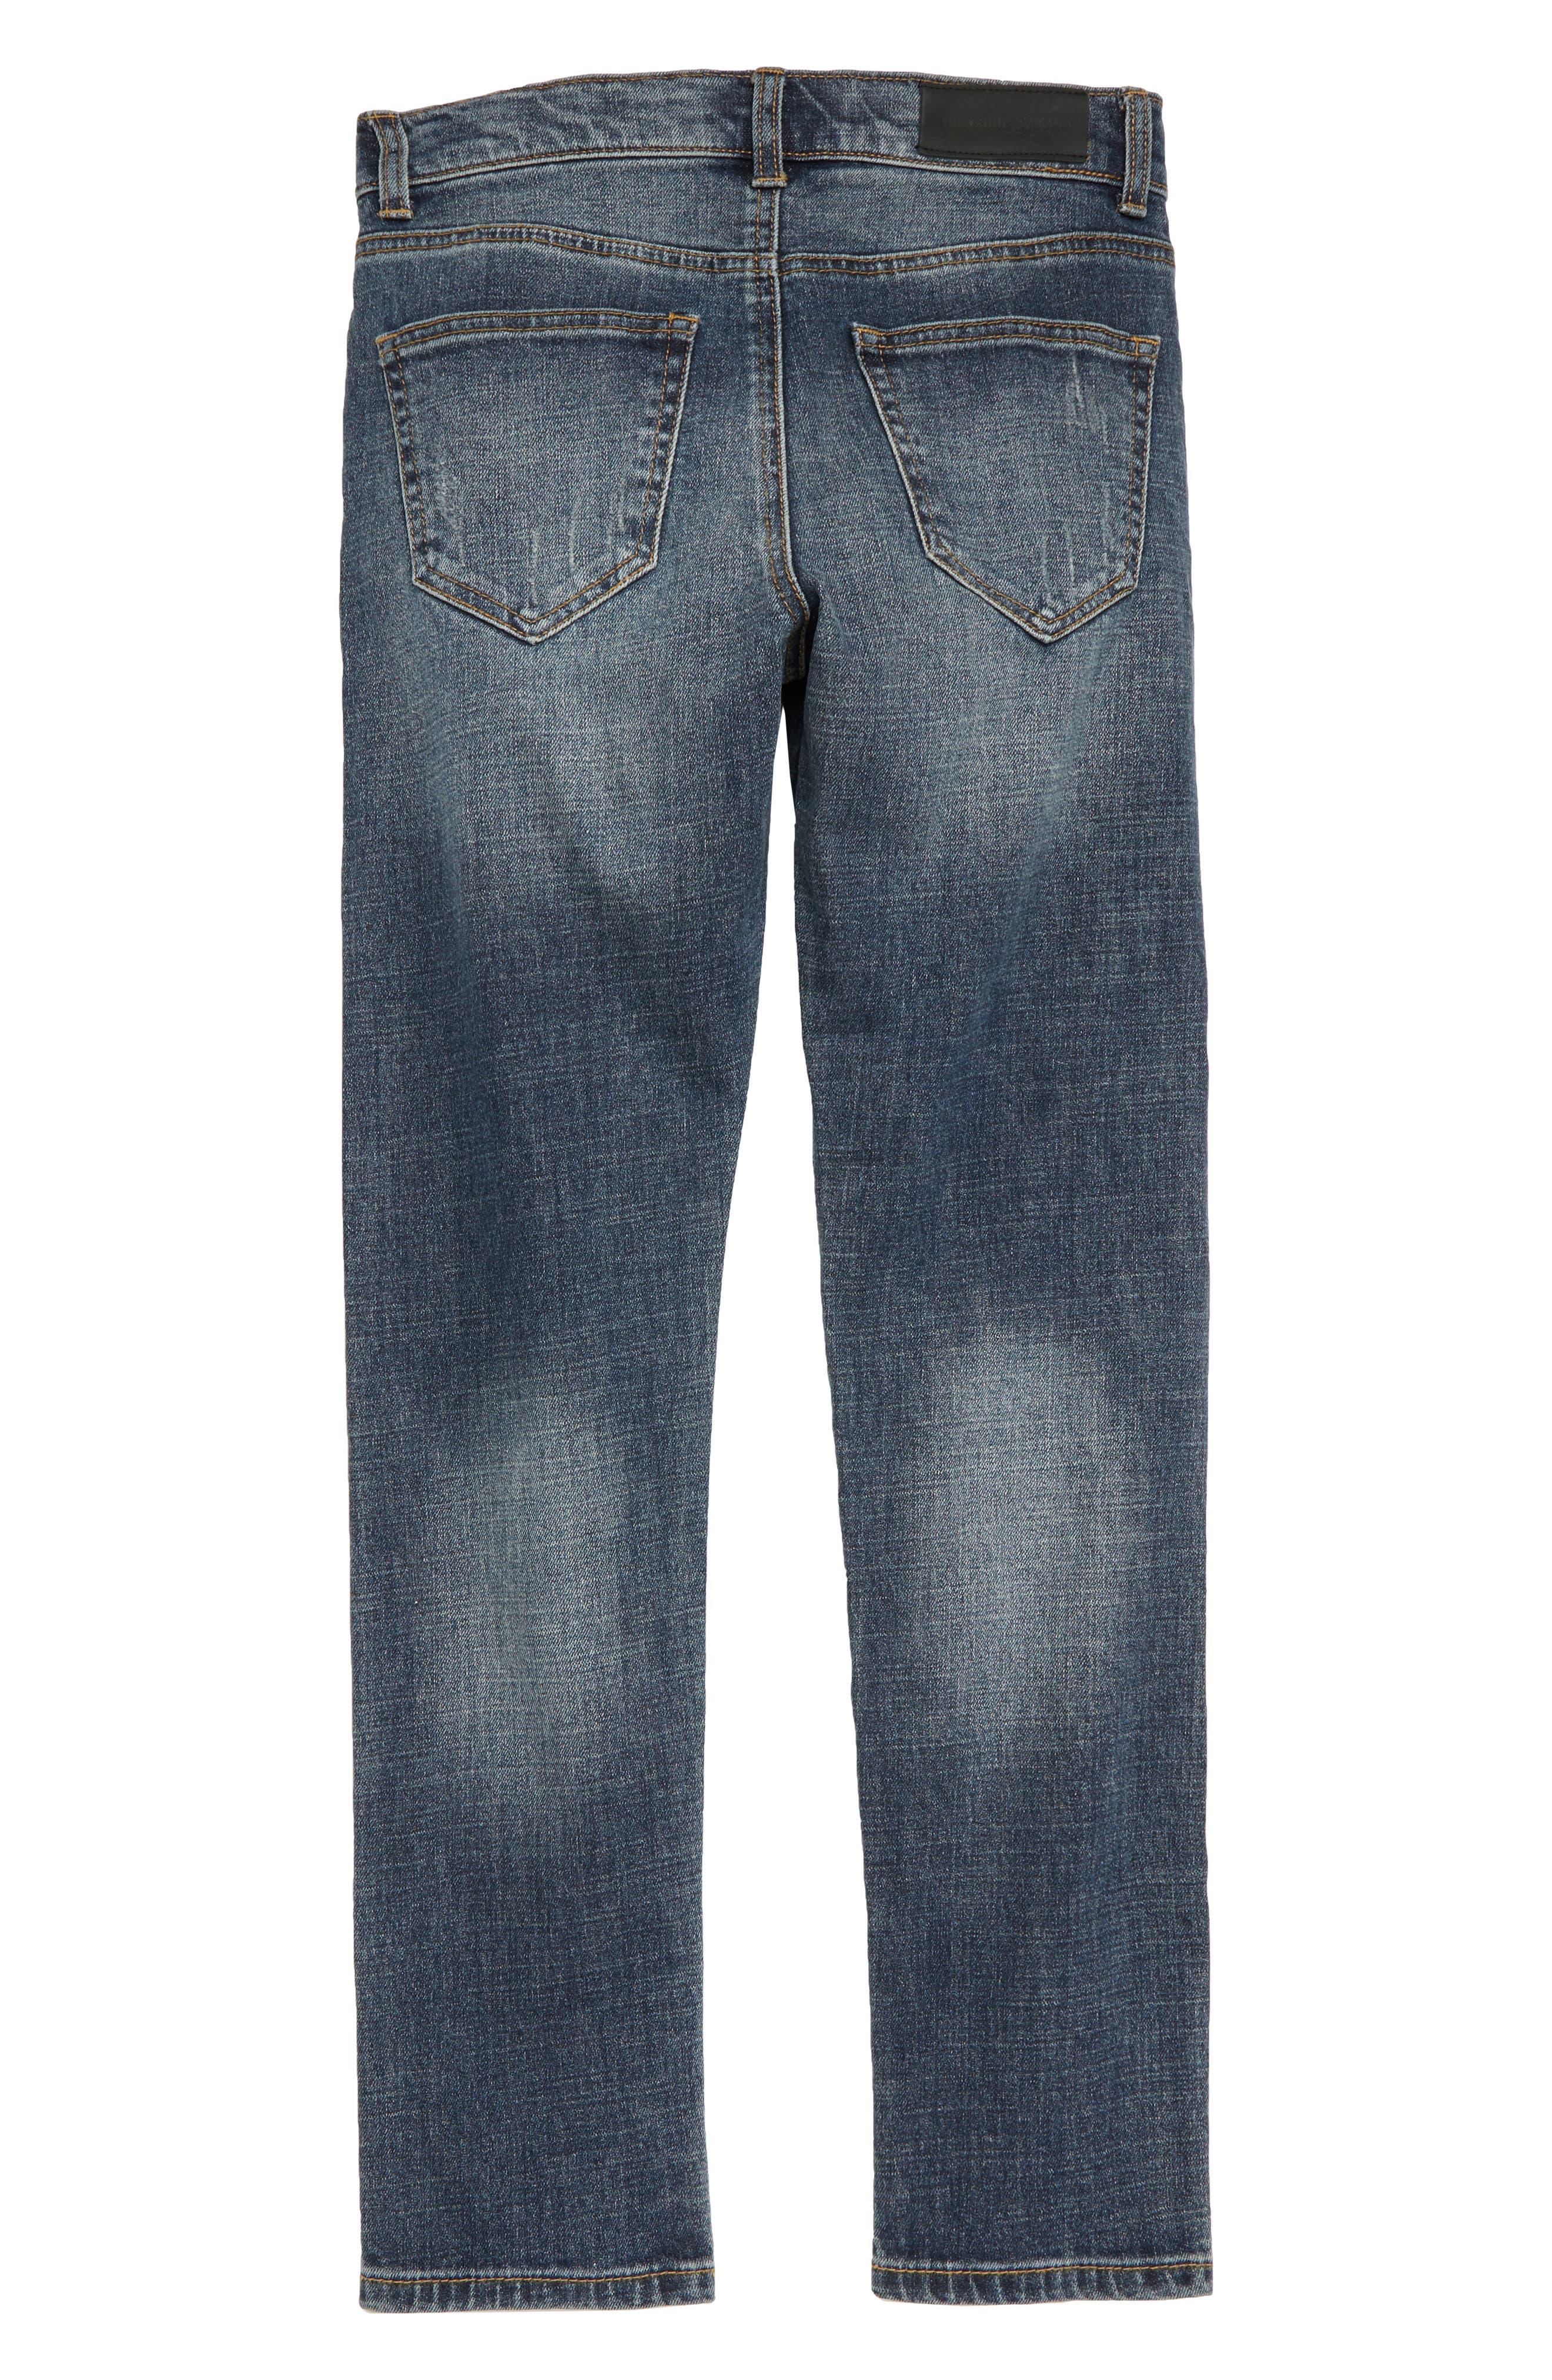 Slim Fit Jeans,                             Alternate thumbnail 2, color,                             401